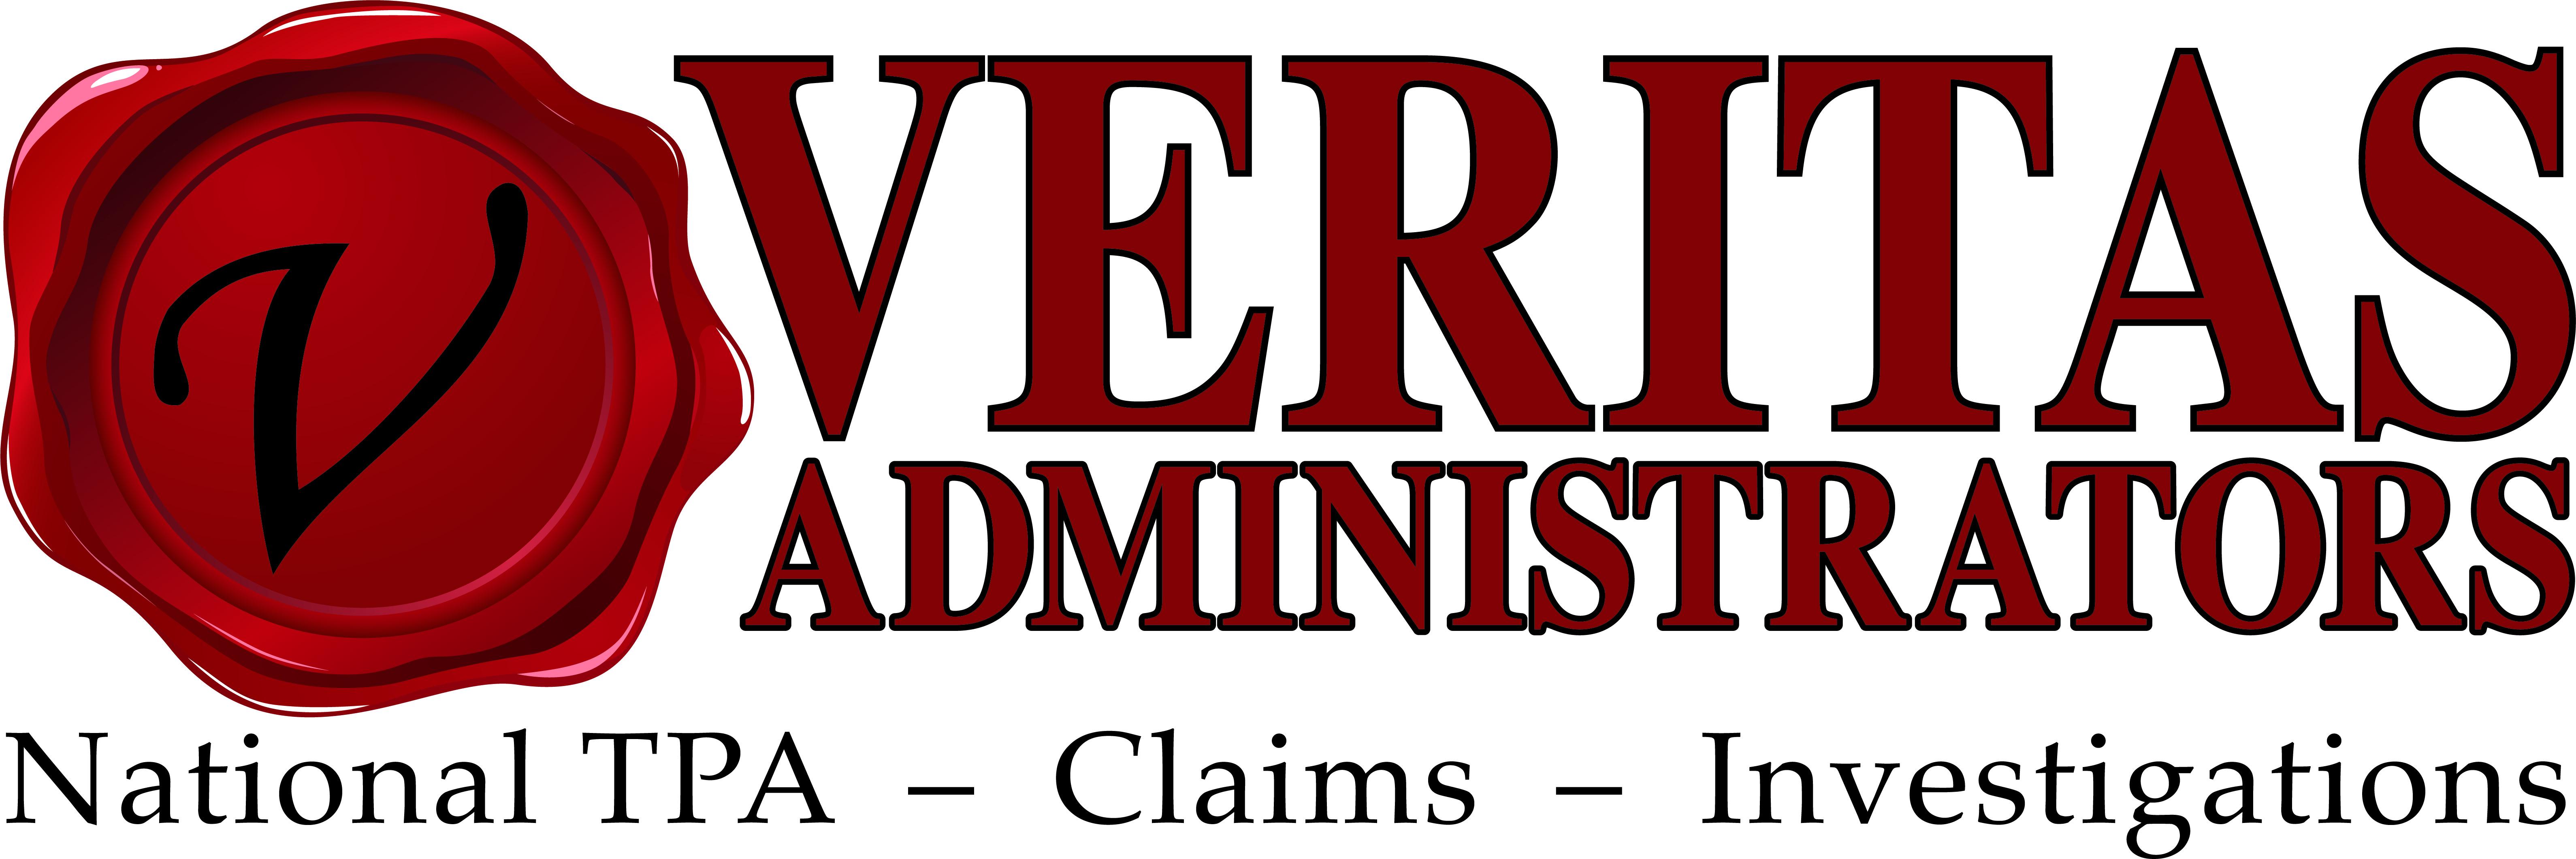 Veritas Administrators